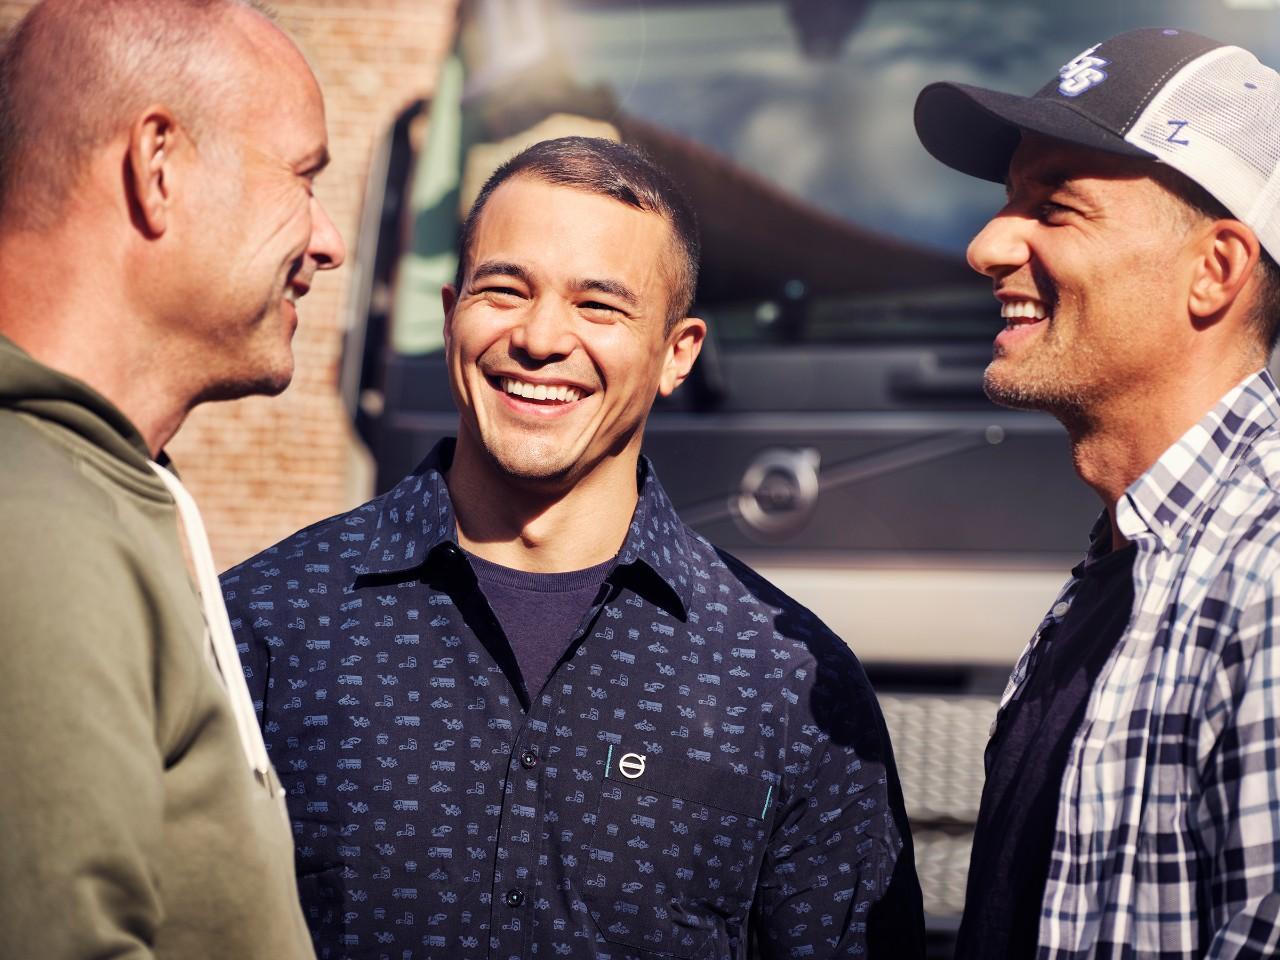 Trīs vīriešu tuvplāns, kas smaida pie Volvo kravas automašīnas